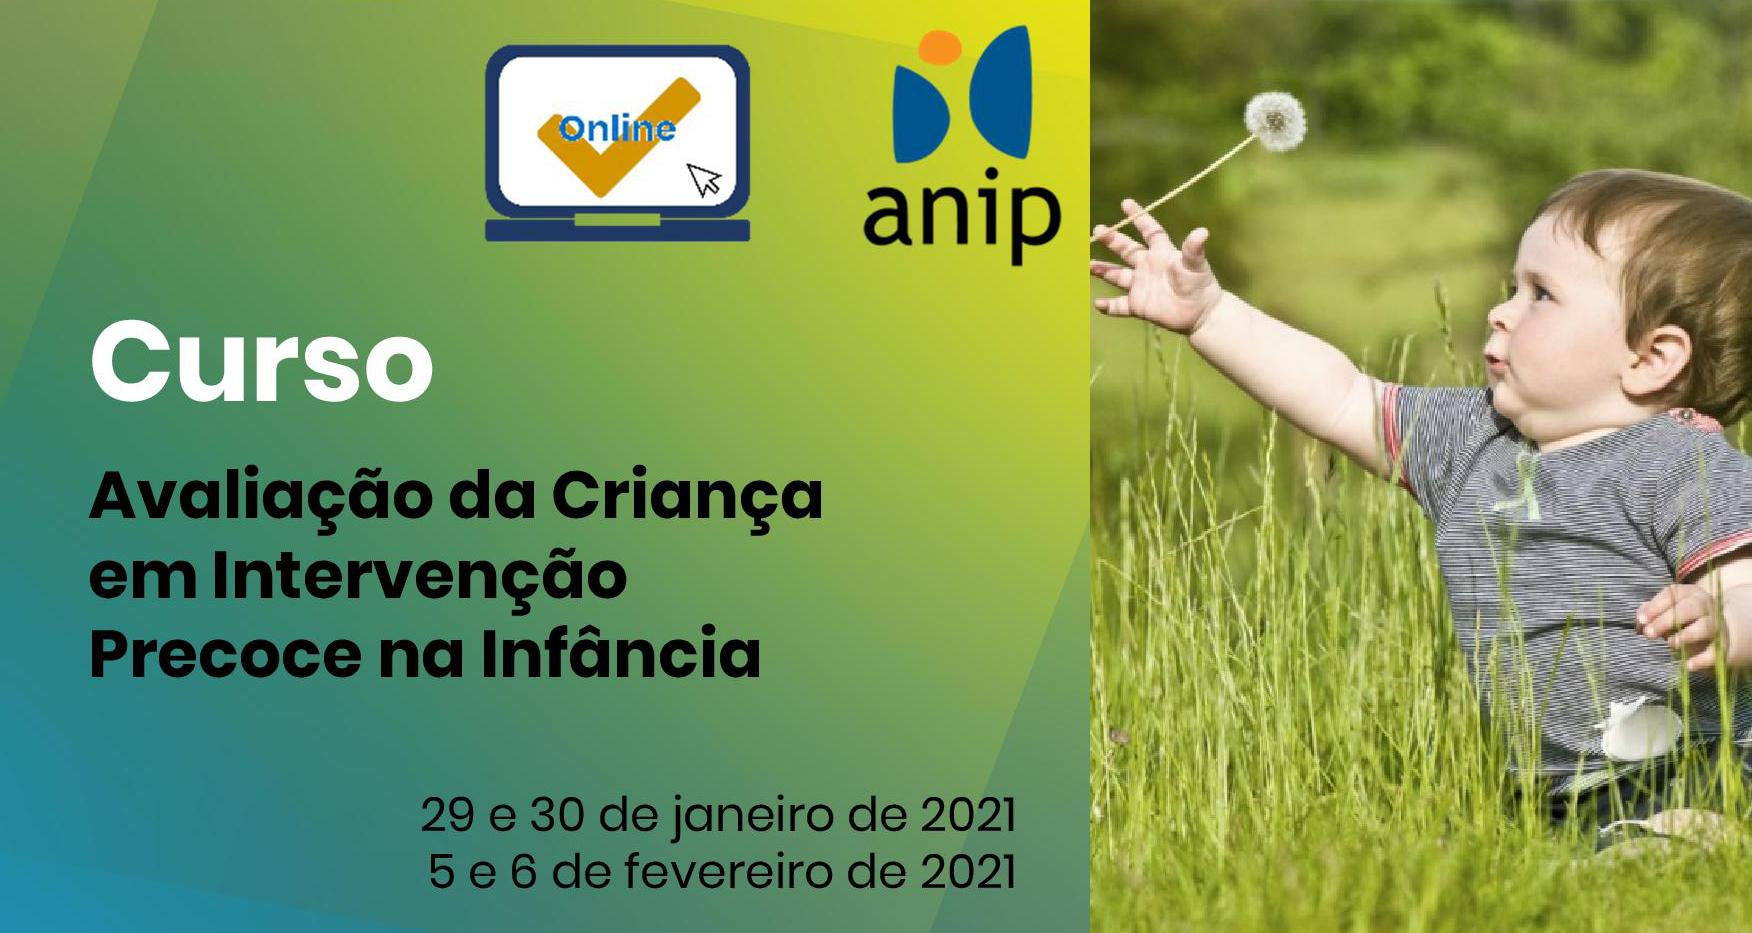 Avaliação da Criança em IPI (online)